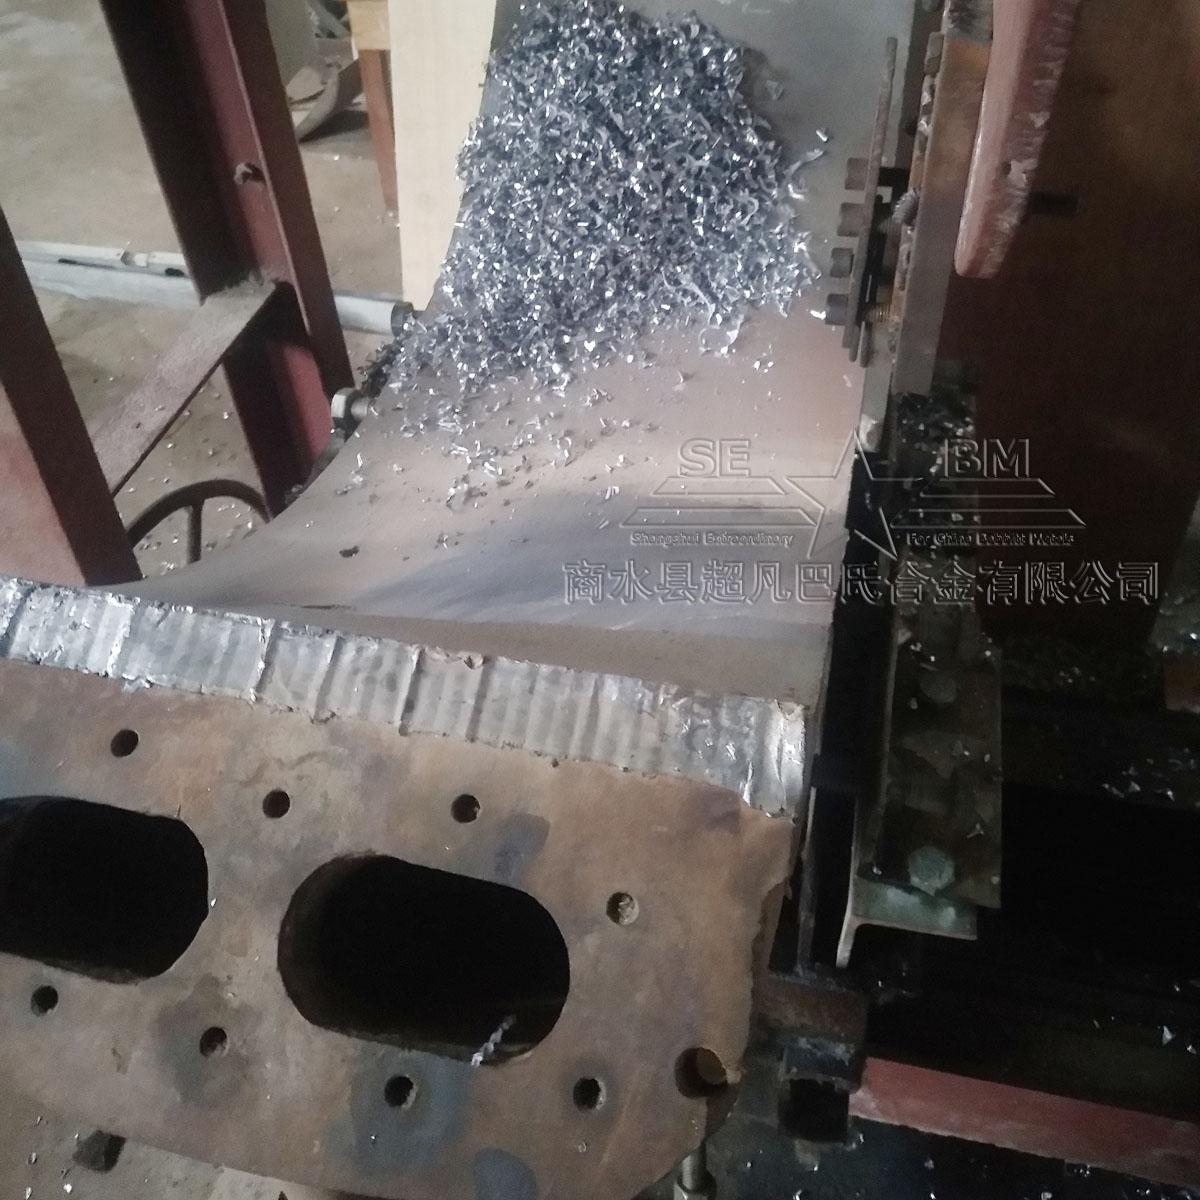 商水超凡巴氏合金专业浇铸修复球磨机轴瓦,加工范围:滚筒直径1.5米、1.83米、2.2米、3.4米、3.8米等。